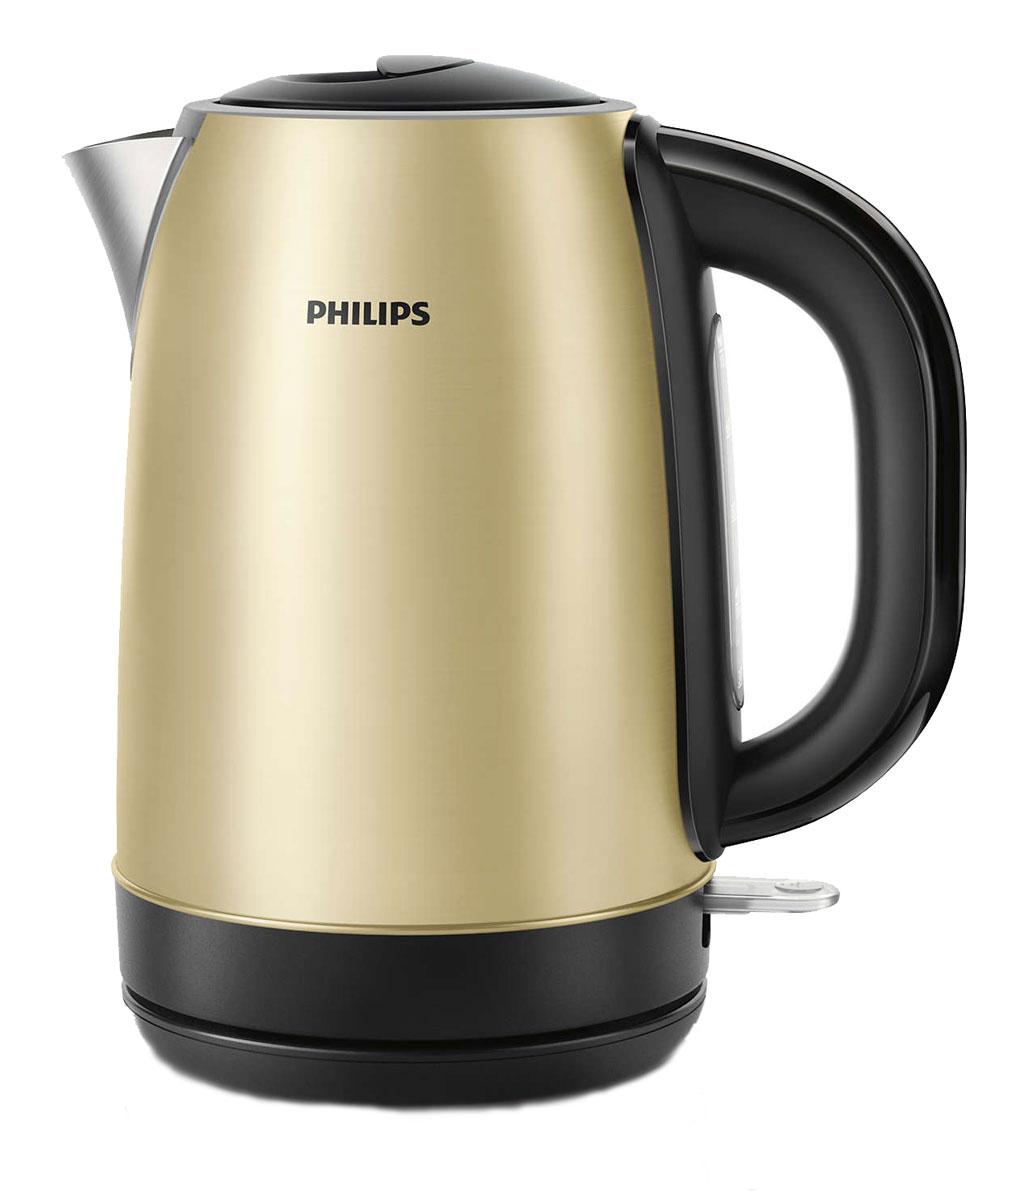 Philips HD 9325/50 электрочайникHD9325/50Стильный электрический чайник Philips HD 9325/50 цвета шампань с корпусом из нержавеющей стали и регулятором разработан в Великобритании. Прибор безопасен в использовании и отличается долгим сроком службы. Встроенный нагревательный элемент из нержавеющей стали обеспечивает быстрое кипячение и простую чистку. Съемный фильтр от накипи для чистой воды и чистого чайника. Наполнить чайник можно через носик или открыв крышку. Широко открывающаяся крышка на пружине для удобного наполнения и очистки исключает контакт с паром. Шнур оборачивается вокруг основания, что позволяет легко разместить чайник на кухне. Элегантная подсветка кнопки включения/выключения уведомляет о процессе нагрева воды. Беспроводная подставка с поворотом на 360° для удобства использования. Комплексная система безопасности для предотвращения короткого замыкания и выкипания воды. Функция автовыключения активируется, когда процесс завершается или прибор снимается с основания.